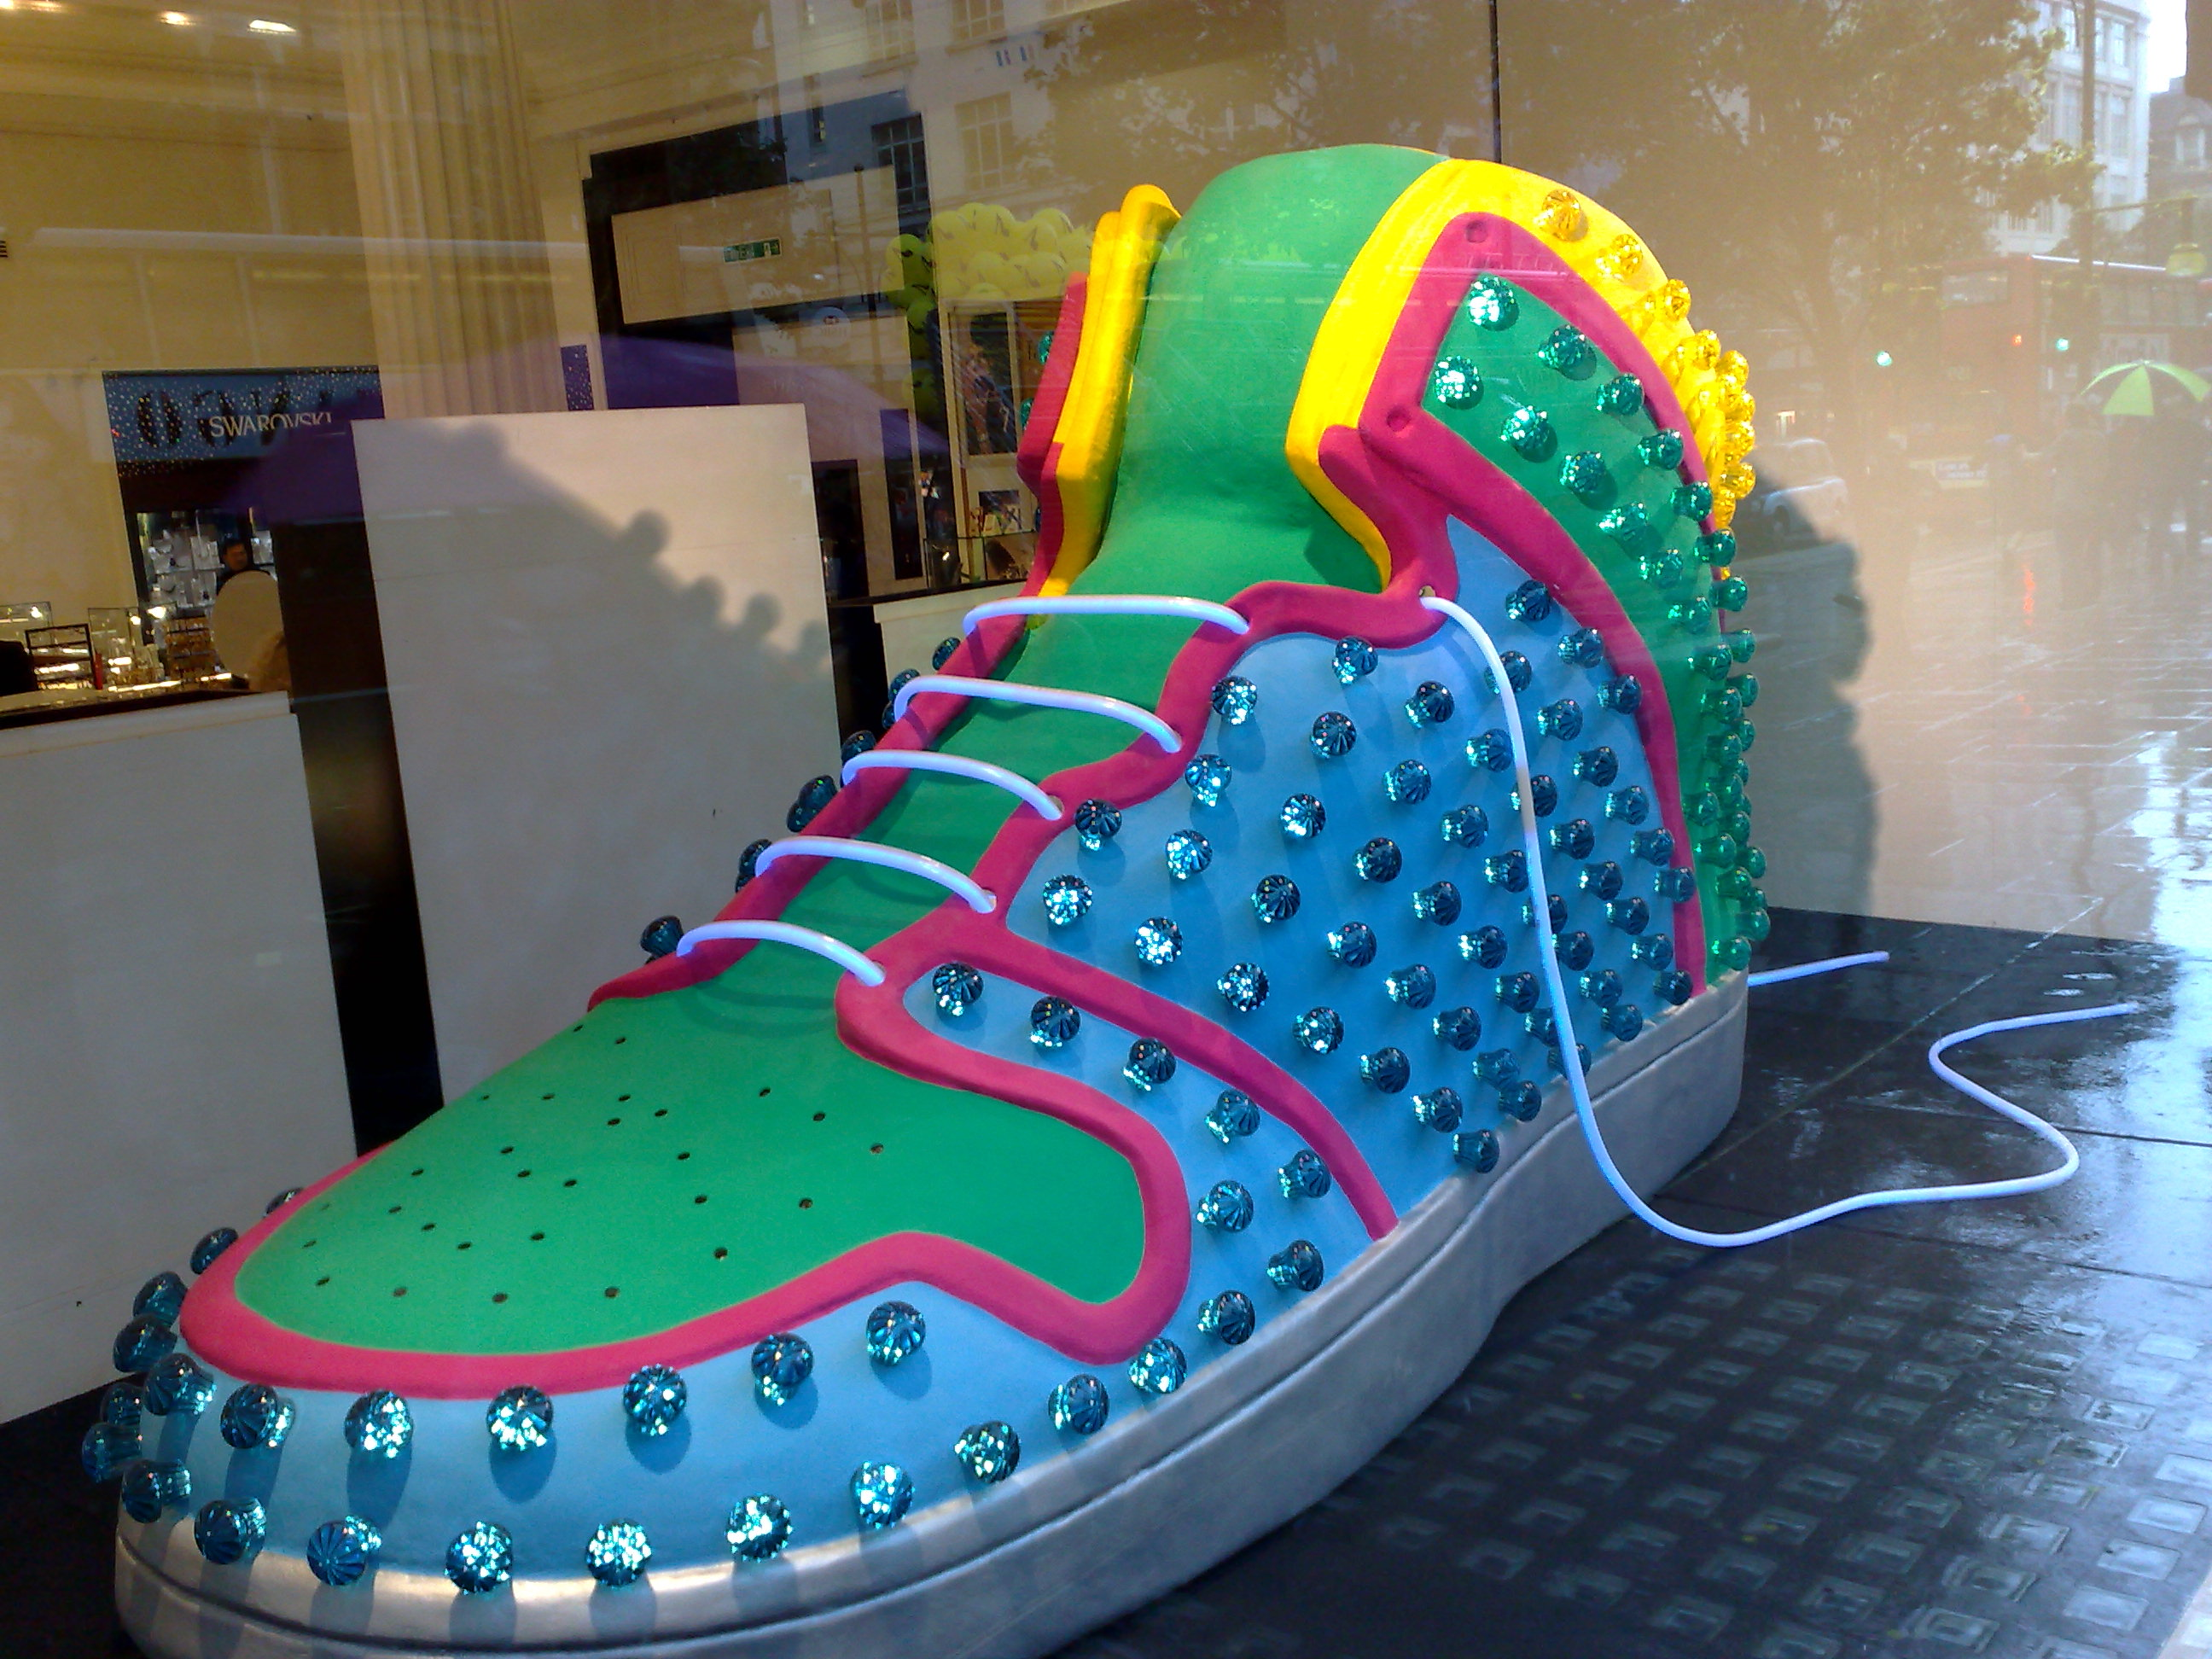 più il negozio grande mondo Shoe The di del Galleries scarpe Y1qS1pfZ